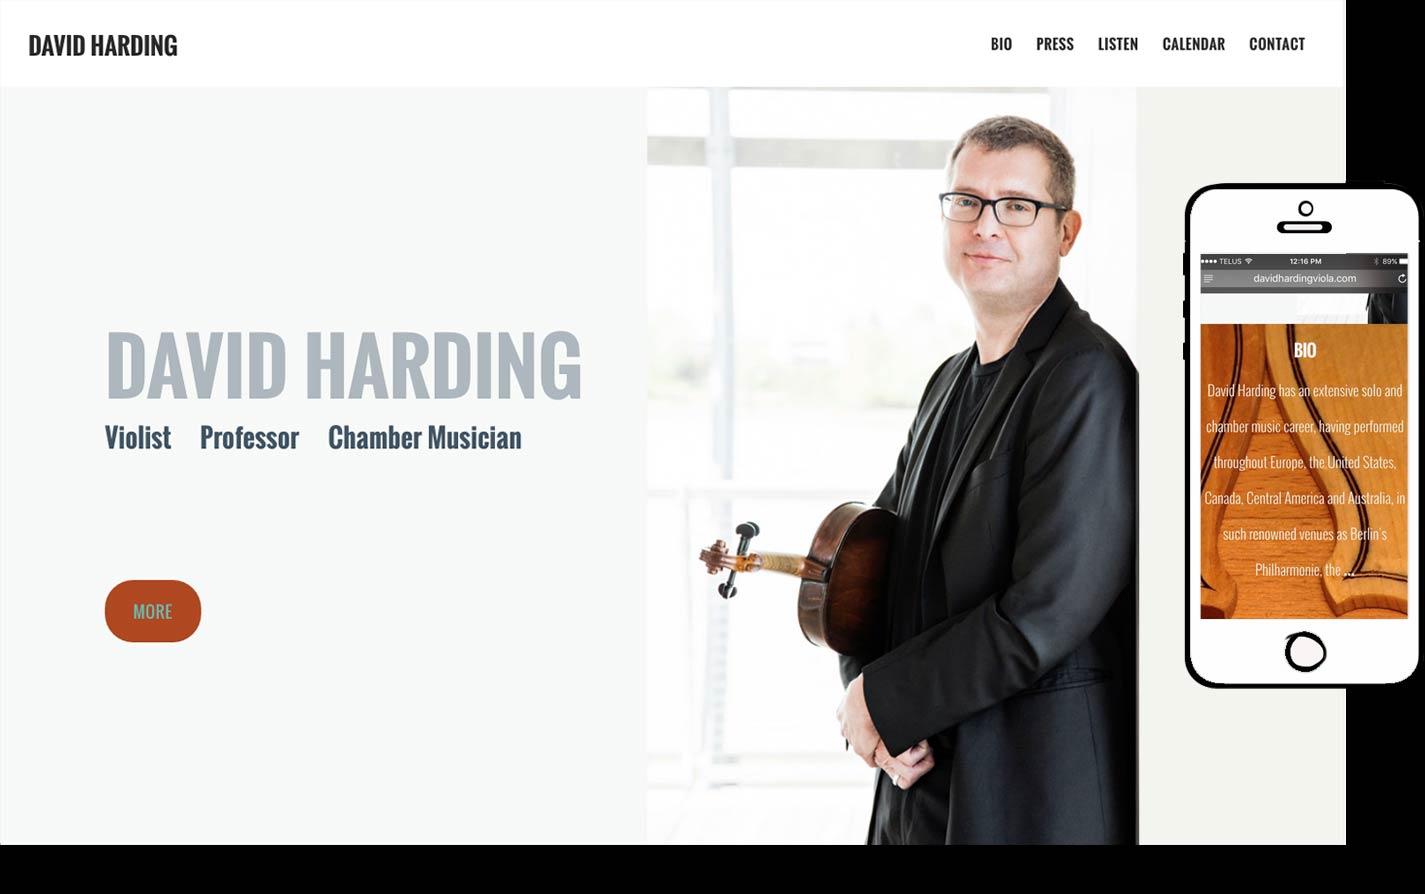 David Harding Website